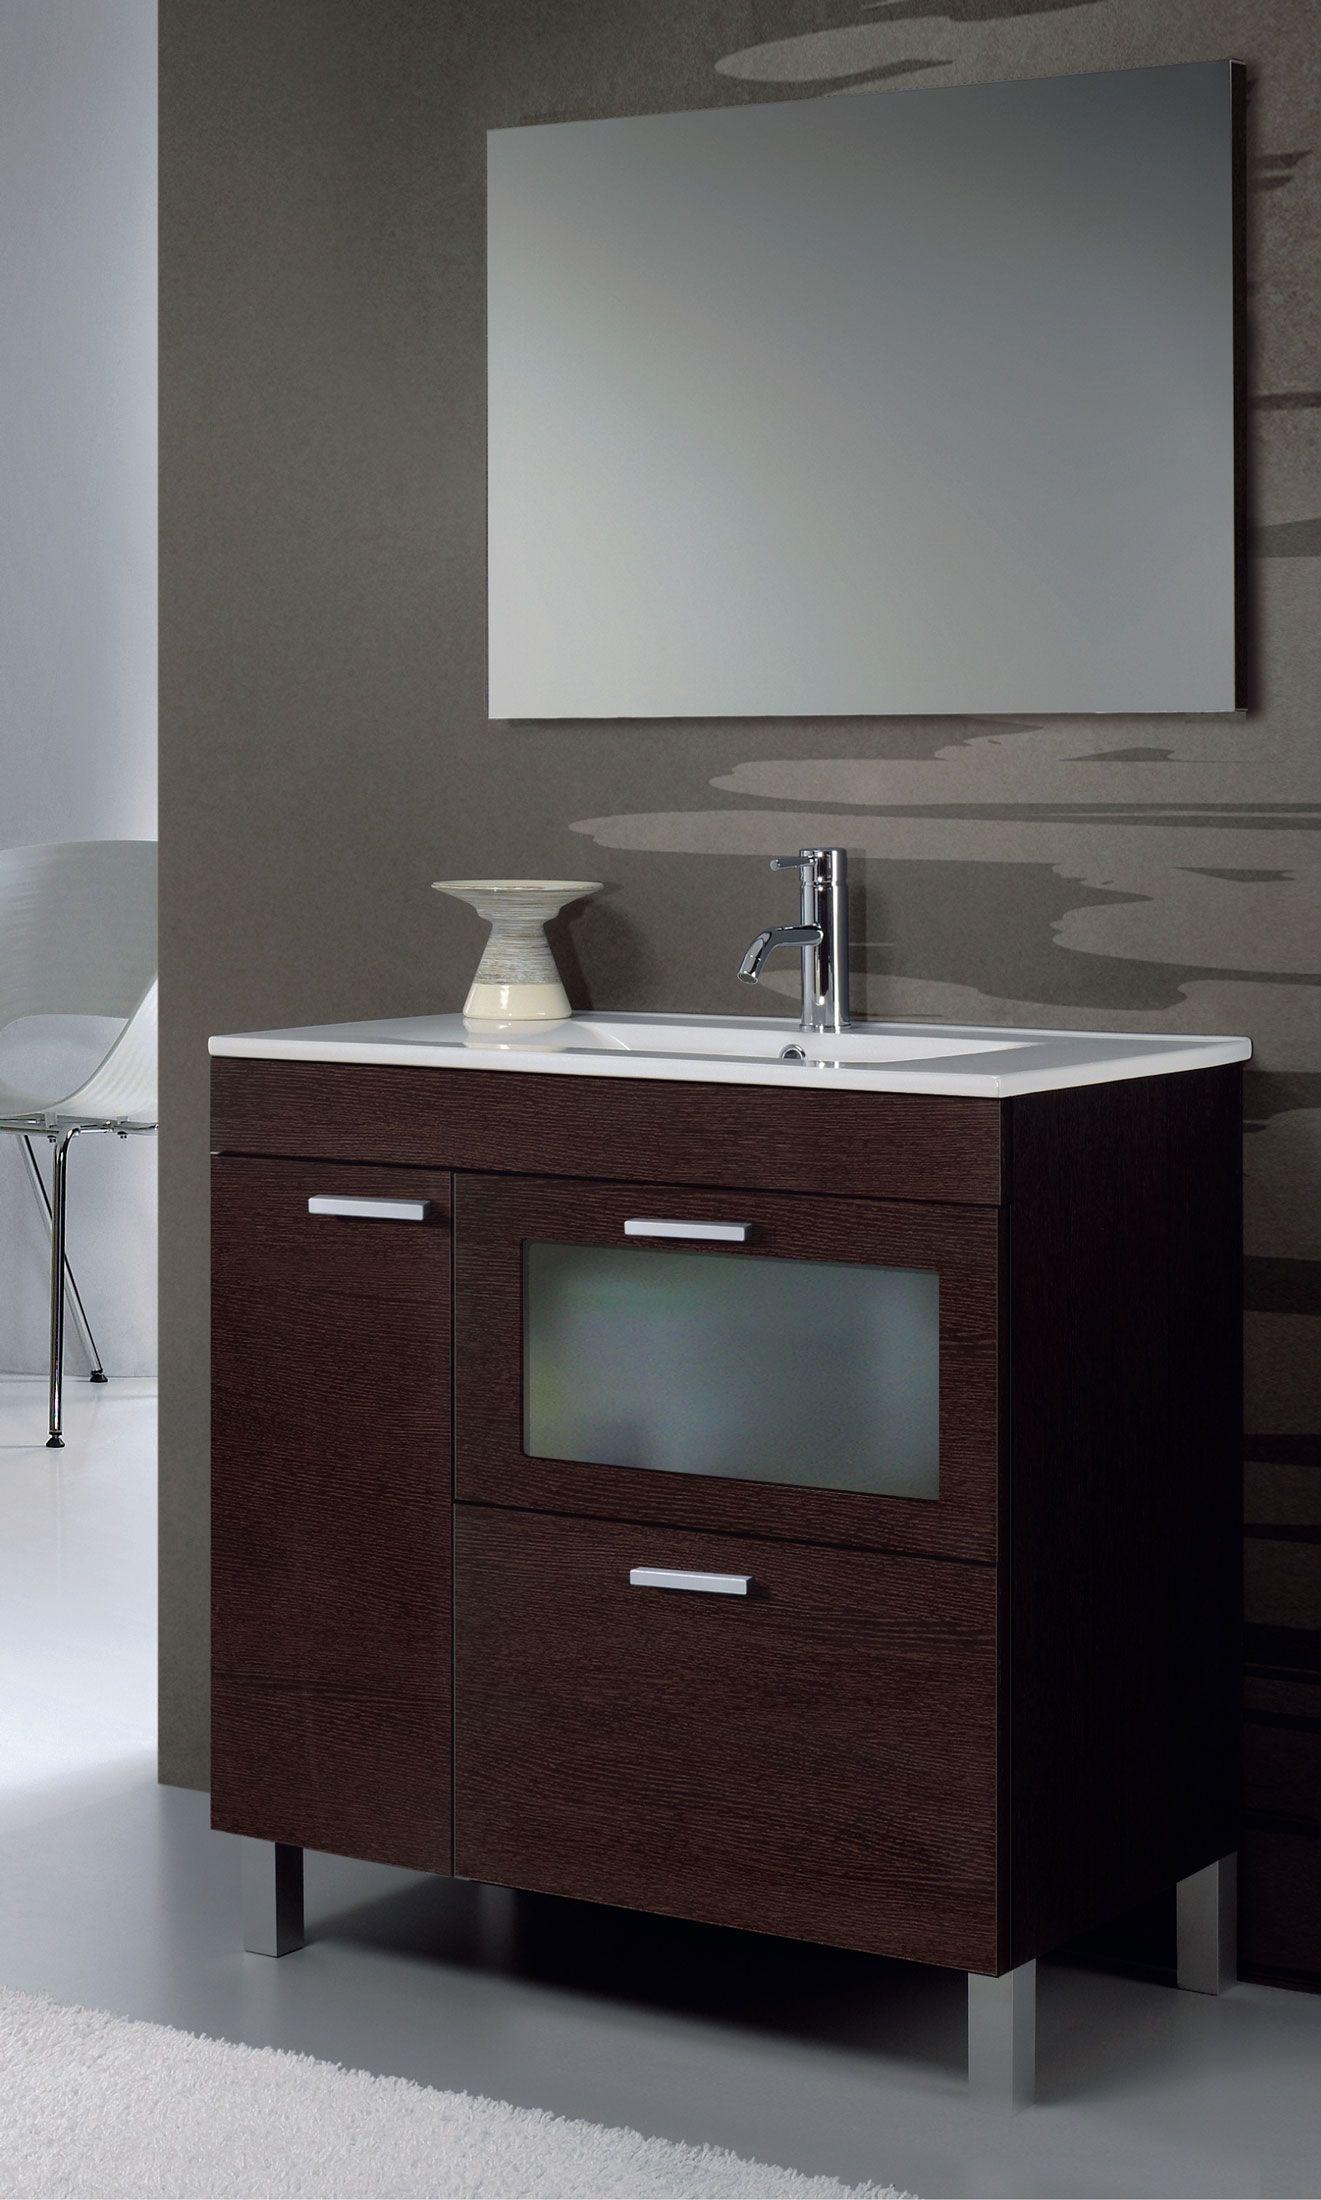 Mueble de baño en kit Hera de 80 cms wengué | Muebles de ...